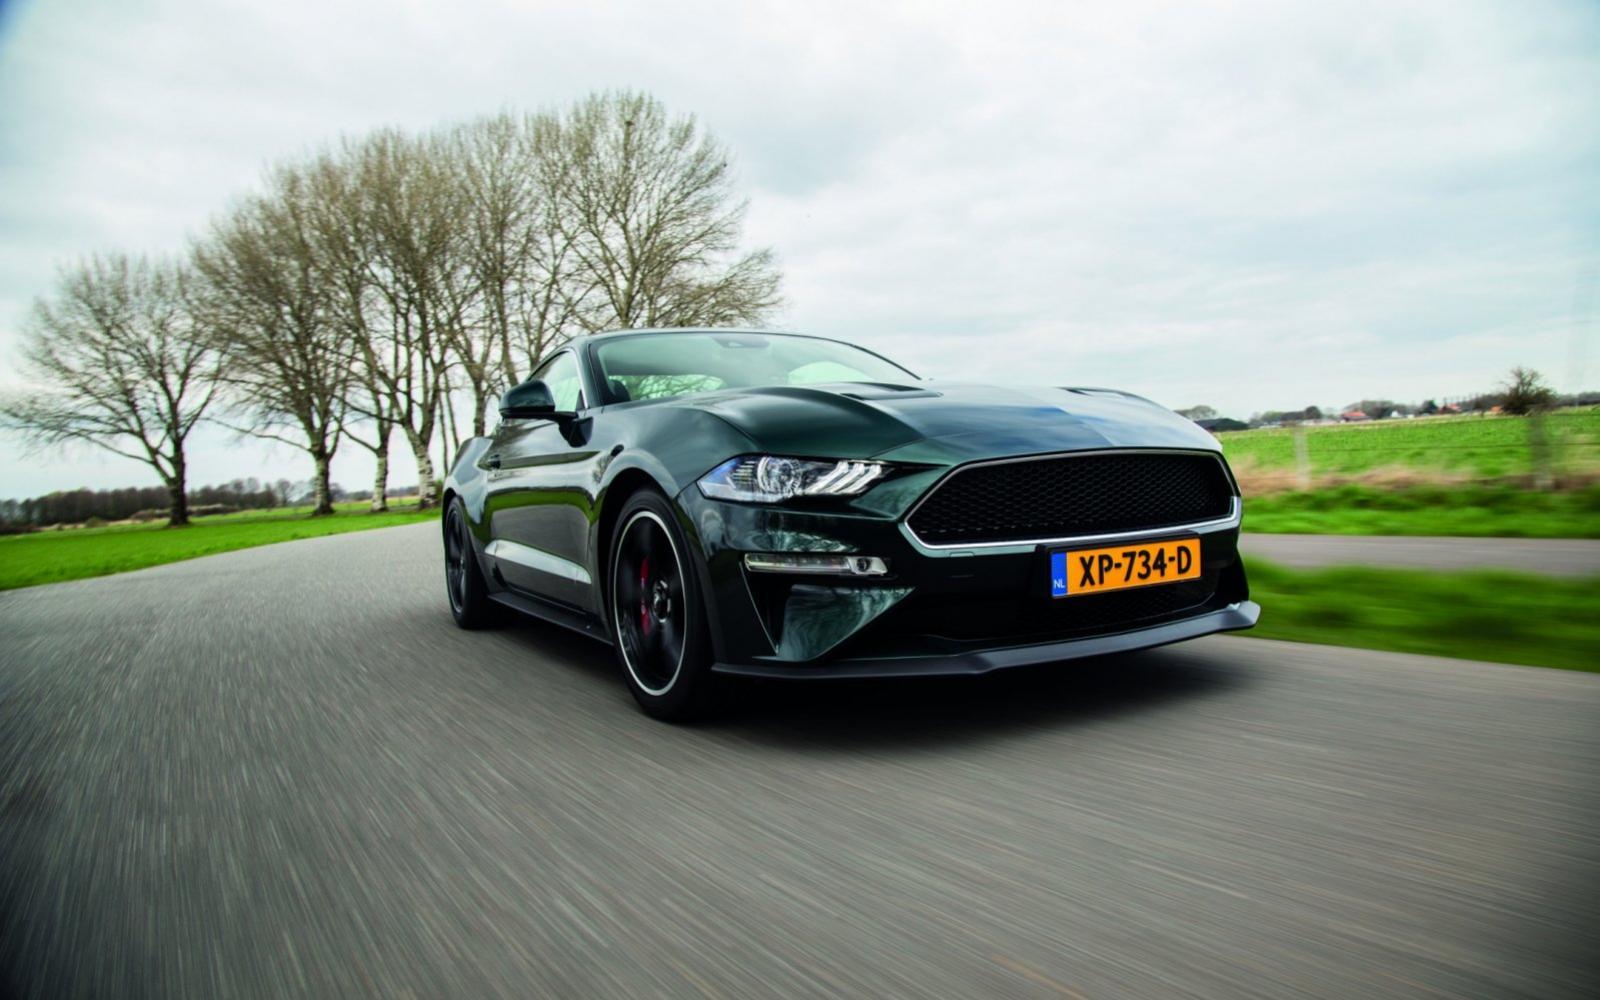 Schokkend prijsverschil: deze auto's zijn in Nederland veel duurder dan in België